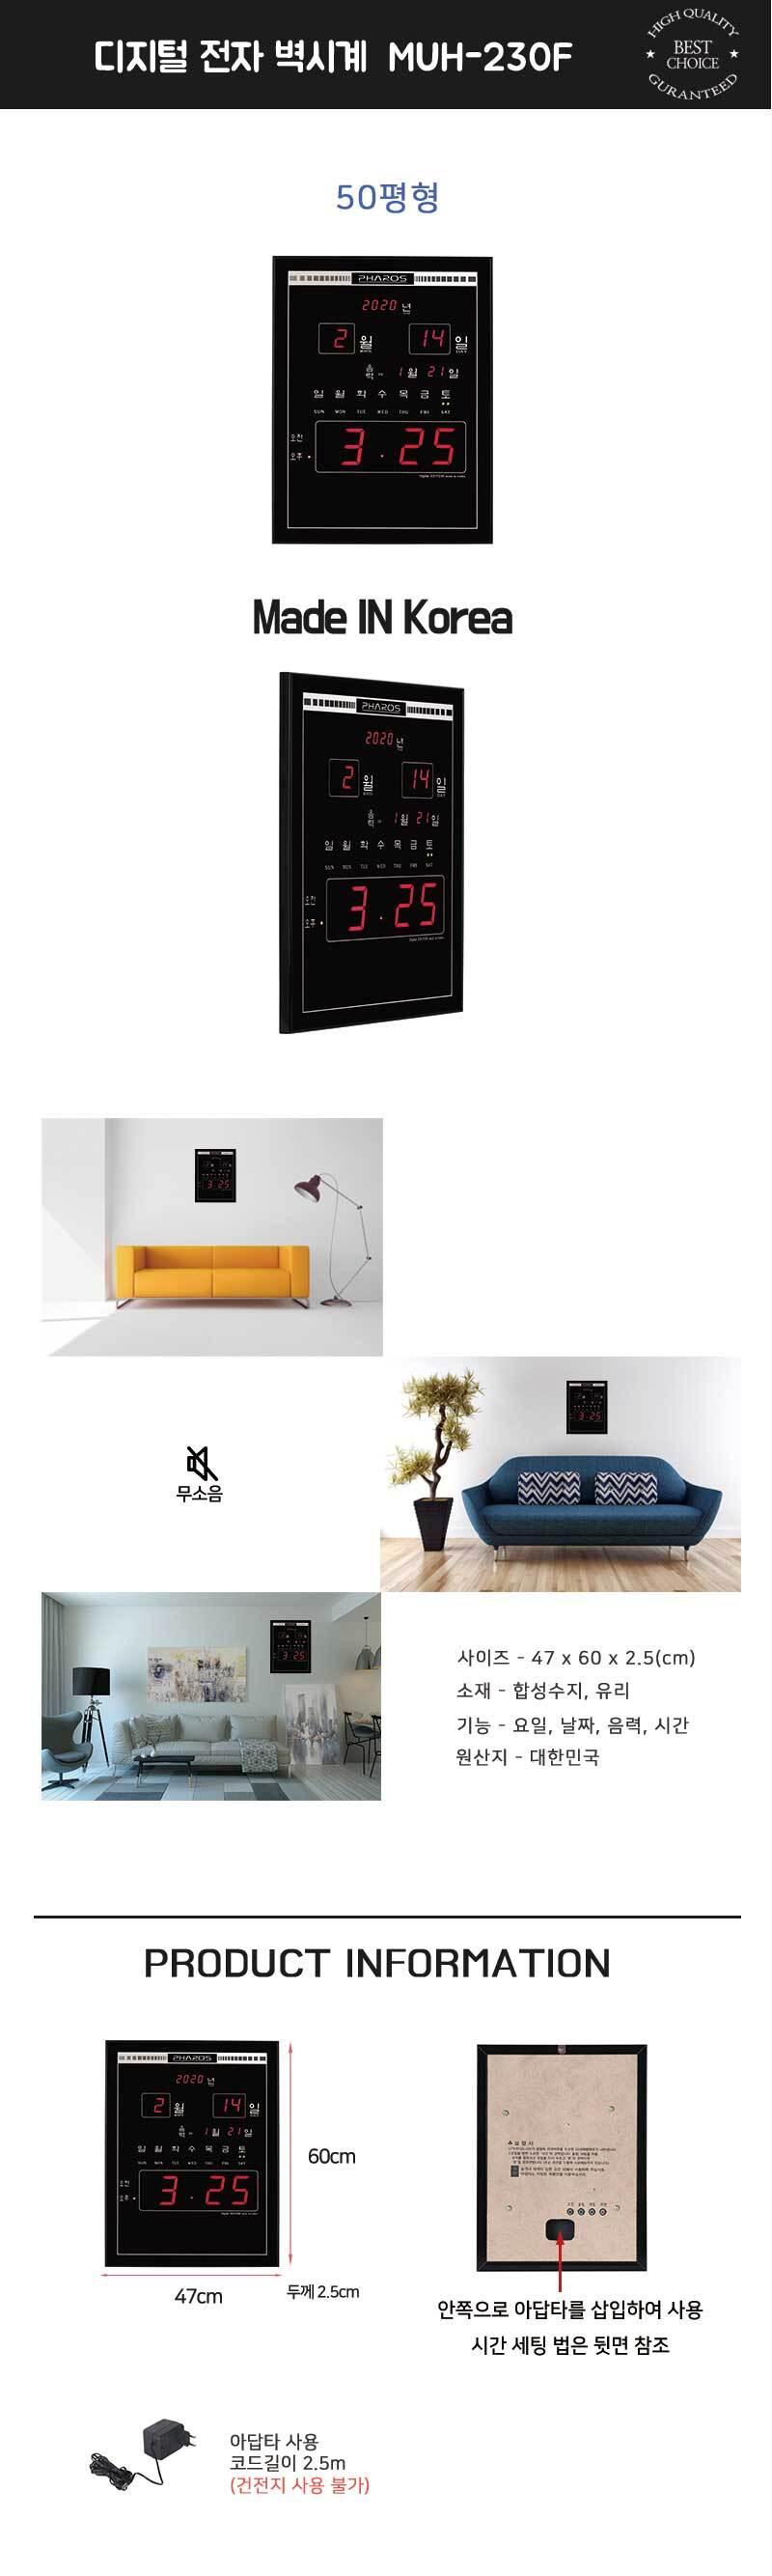 공간 인테리어 디지털 전자벽시계 MUH-230F CH1560627 - 익스트리모, 115,000원, 벽시계, 디자인벽시계